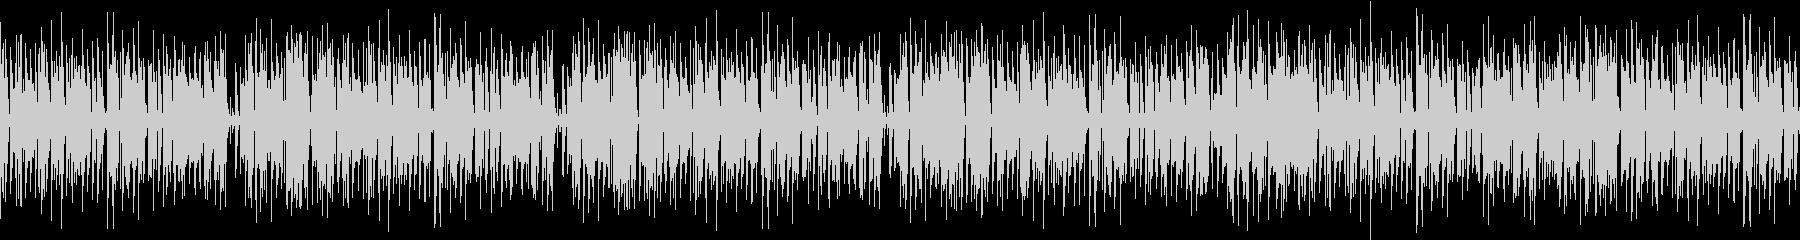 夏の労働イメージのファンクの未再生の波形